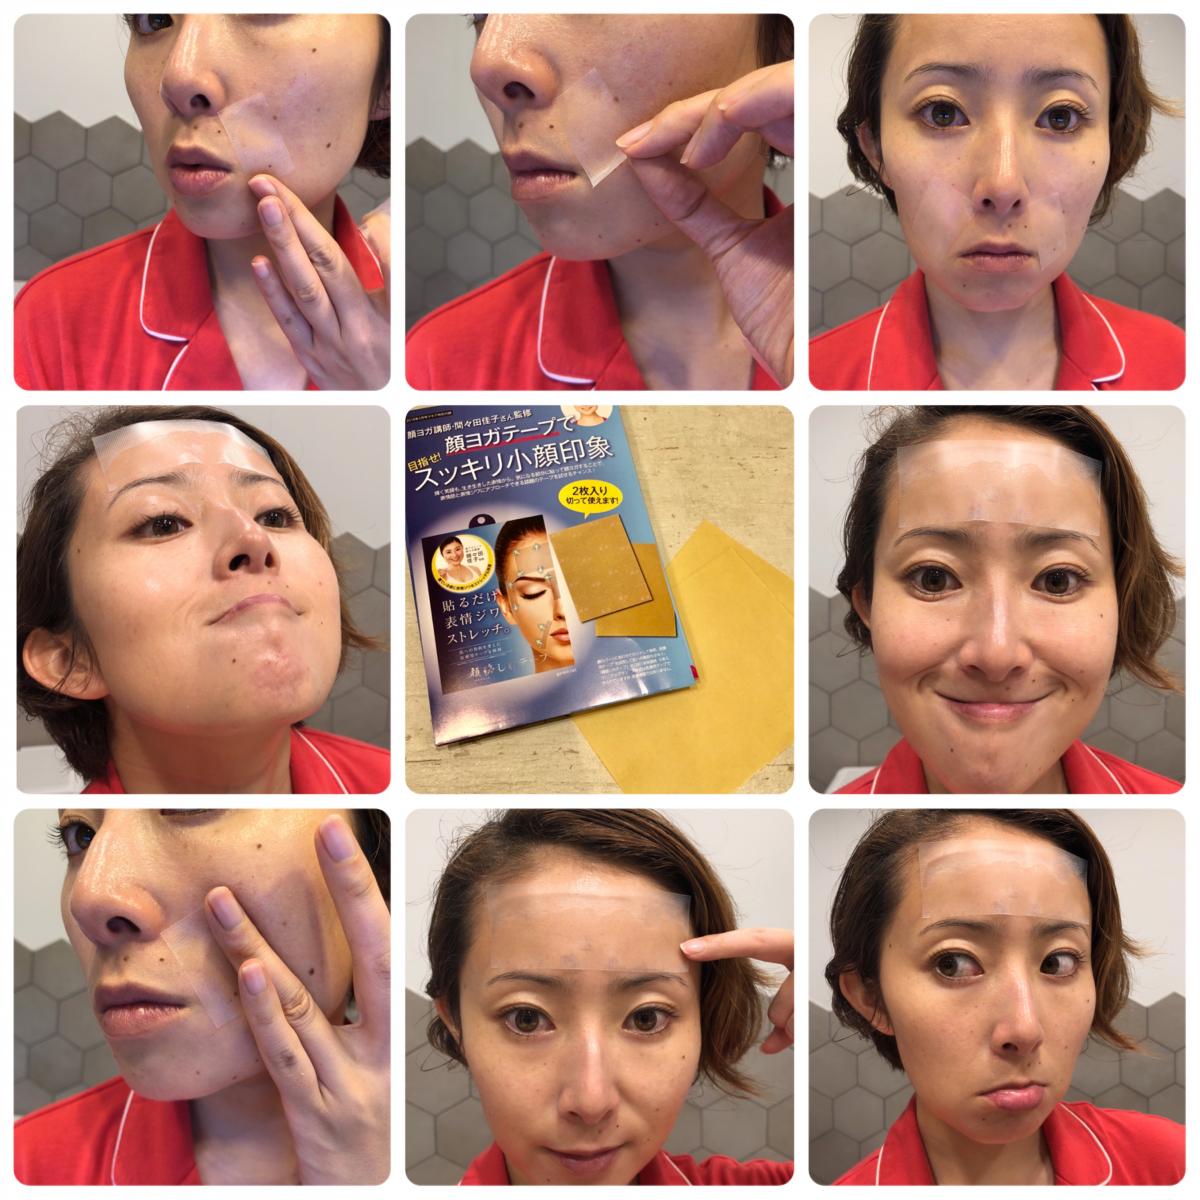 """ウケる!MAQUIA付録!間々田佳子先生監修の""""顔ヨガテープ""""を試してみた結果"""